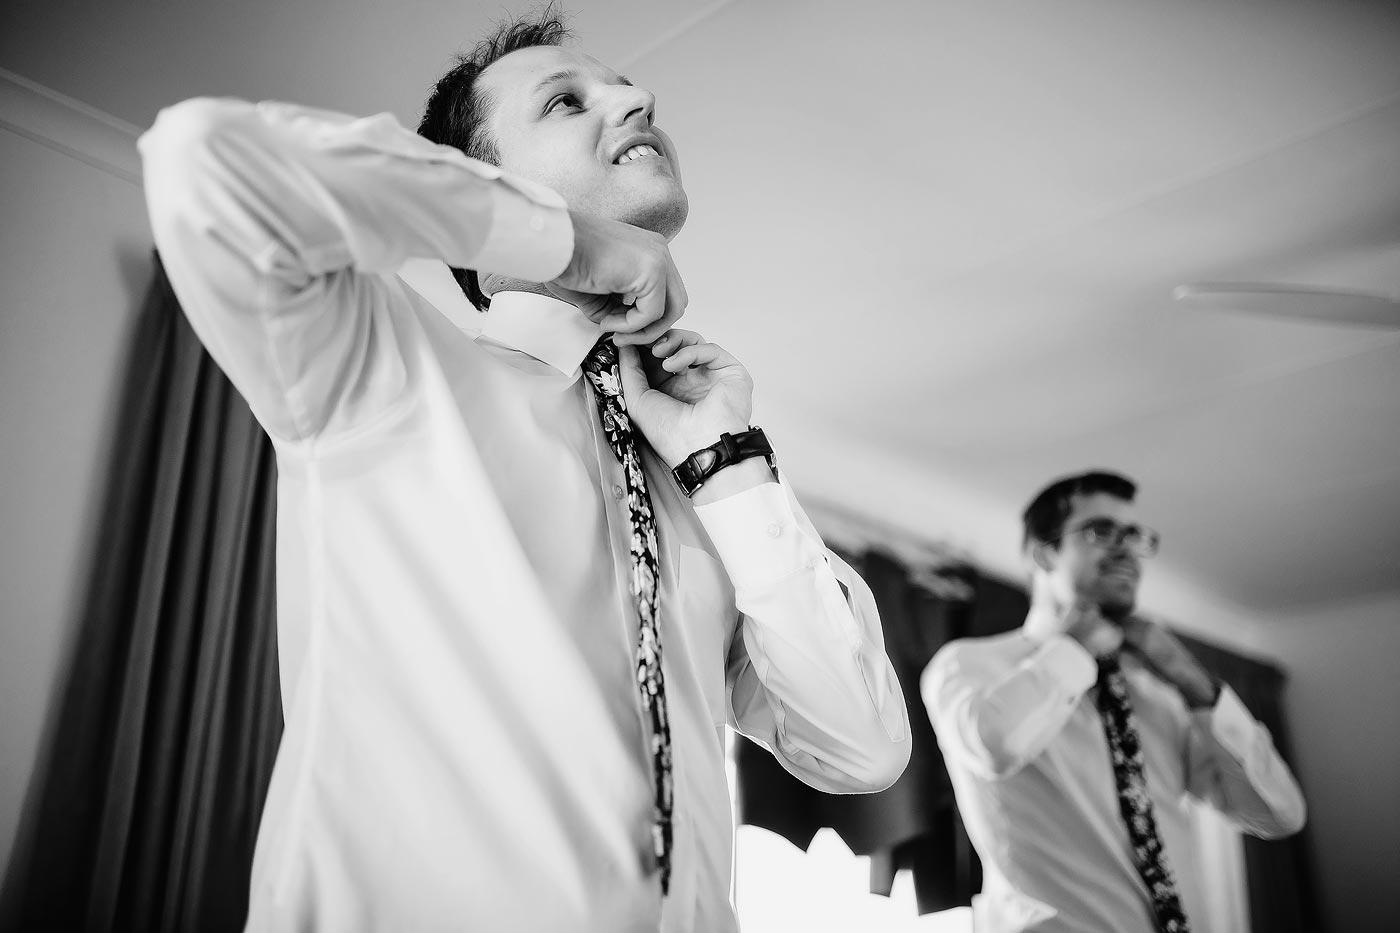 Copy of Groomsmen Preparation with ties before wedding